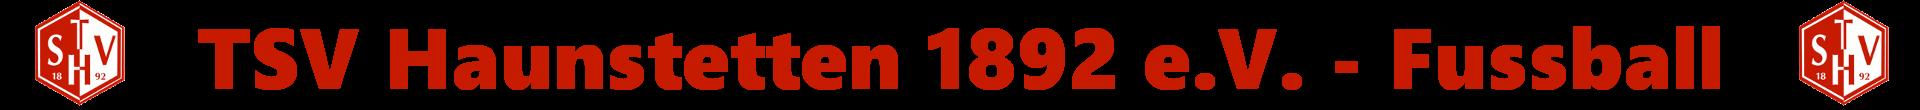 TSV Haunstetten 1892 - Fussball